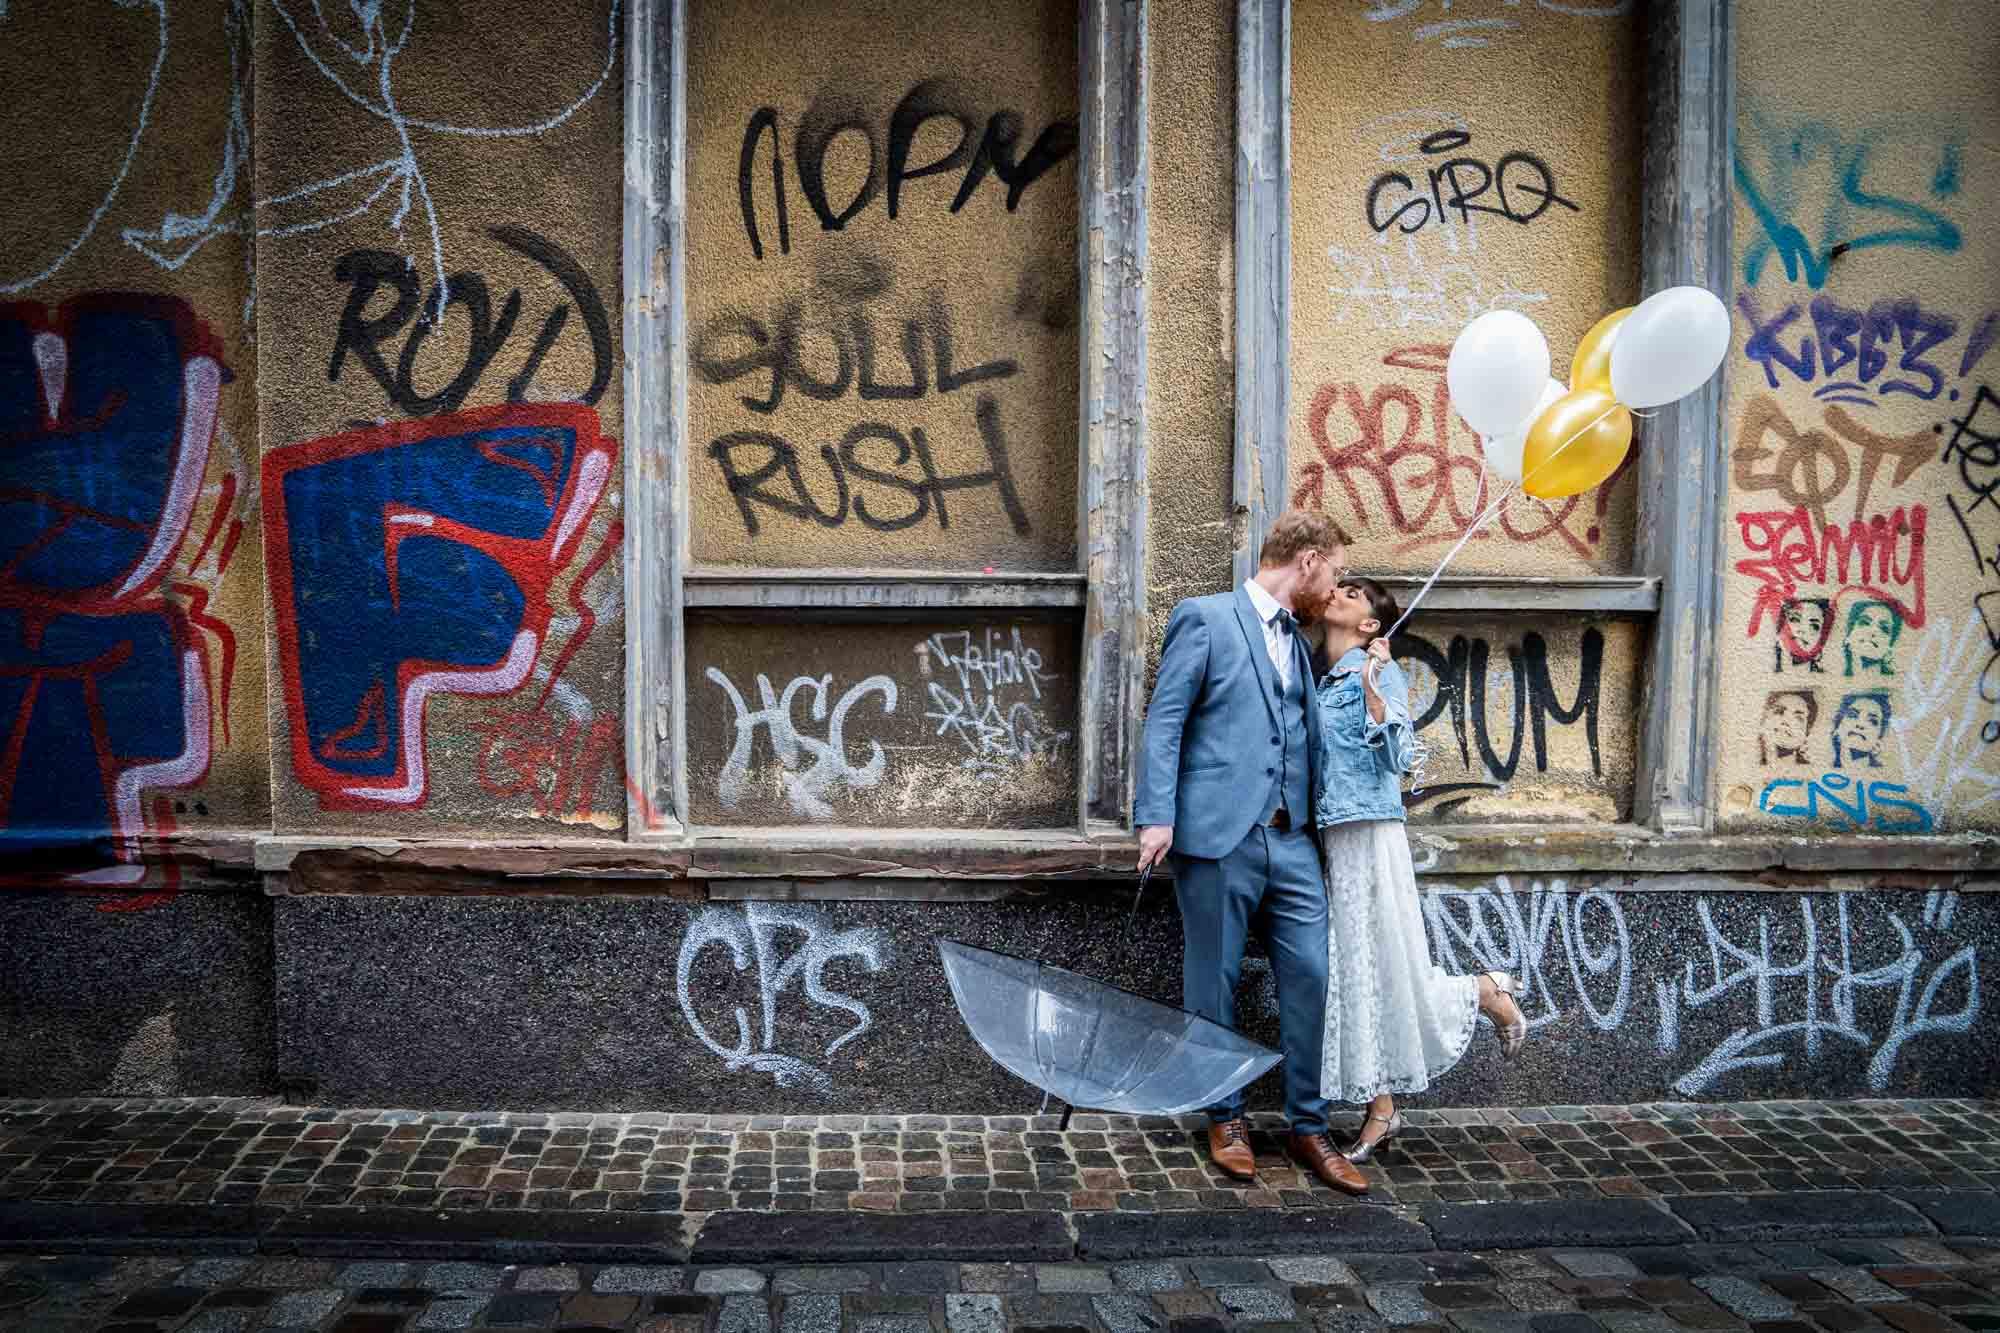 Brautpaar mit Regenschirmen vor bunter Graffiti-Mauer. Bräutigam mit blauem Dreiteiler und Fliege, Braut mit Jeansjacke und Midi-Kleid in Ivory